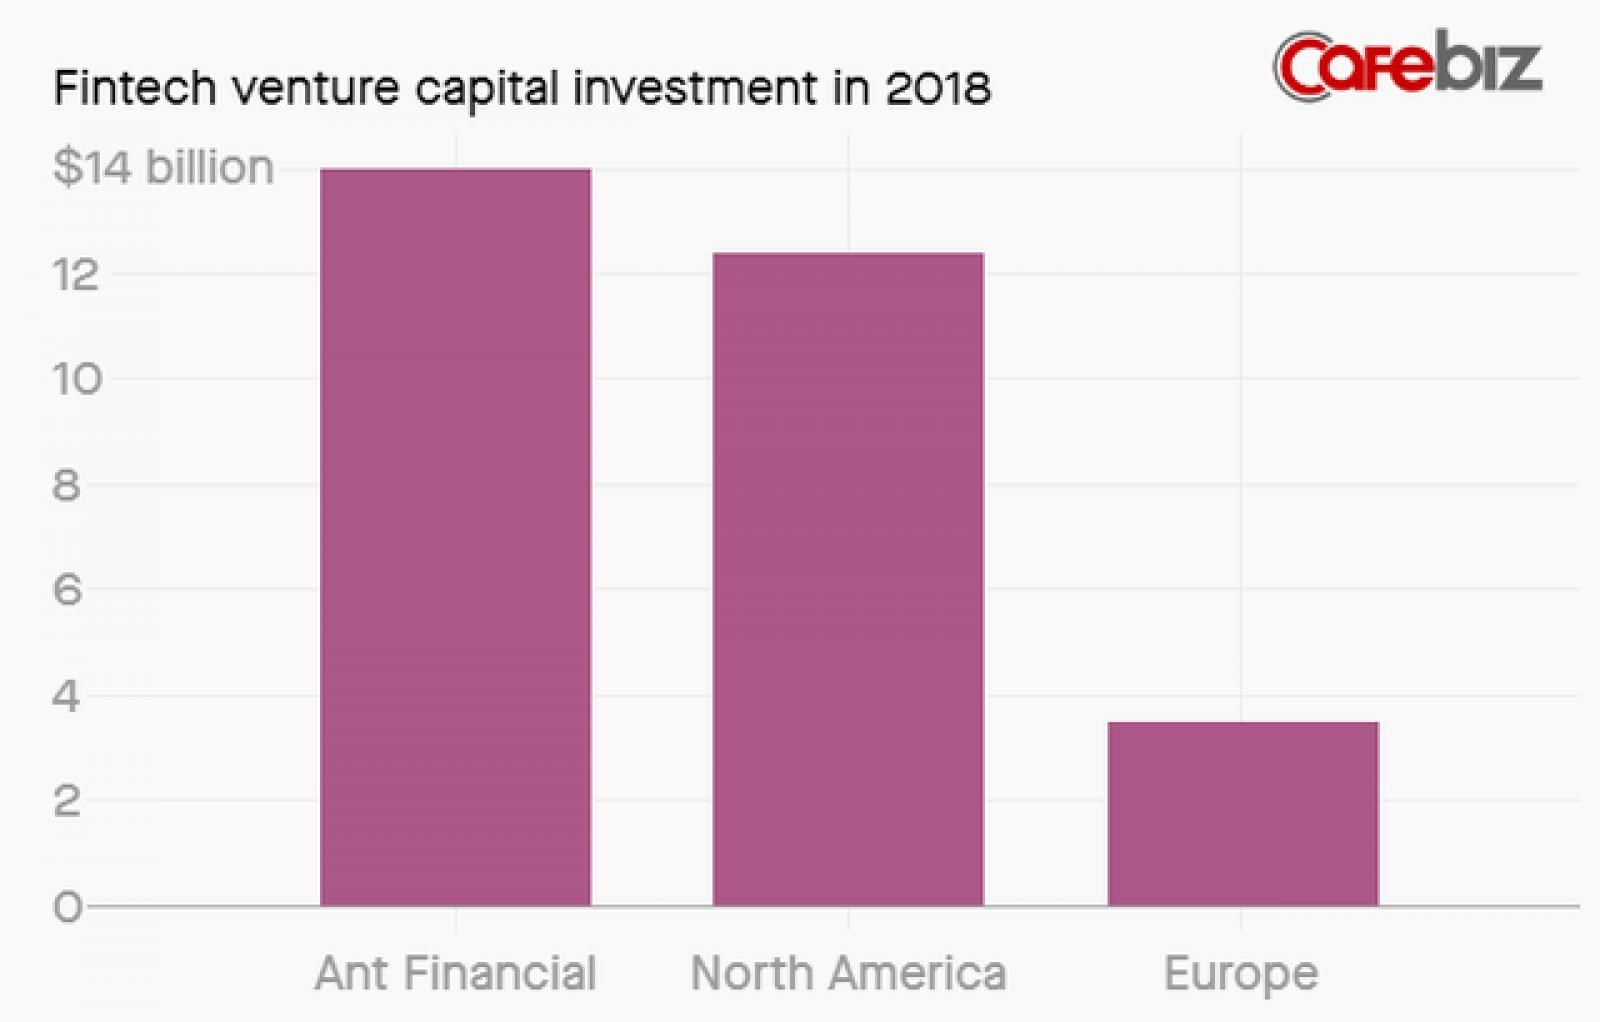 Giá trị đầu tư vào các công ty fintech năm 2018. Giá trị đầu tư vào các công ty fintech năm 2018.